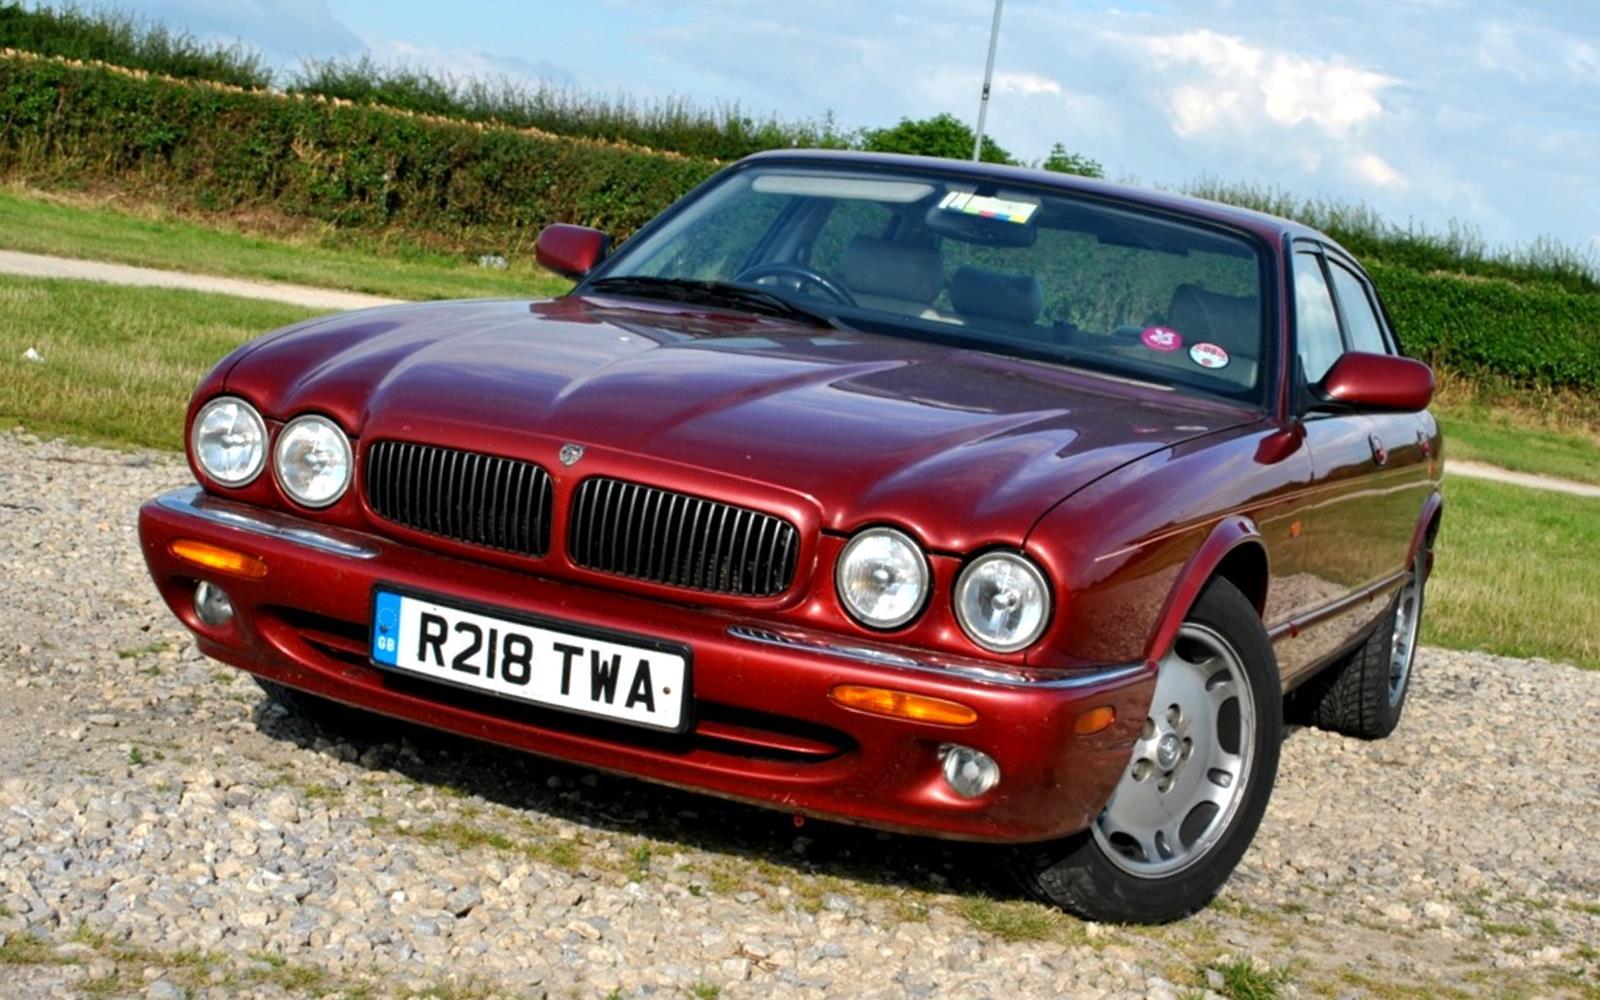 jaguar xj8 1998 front front seat driver. Black Bedroom Furniture Sets. Home Design Ideas